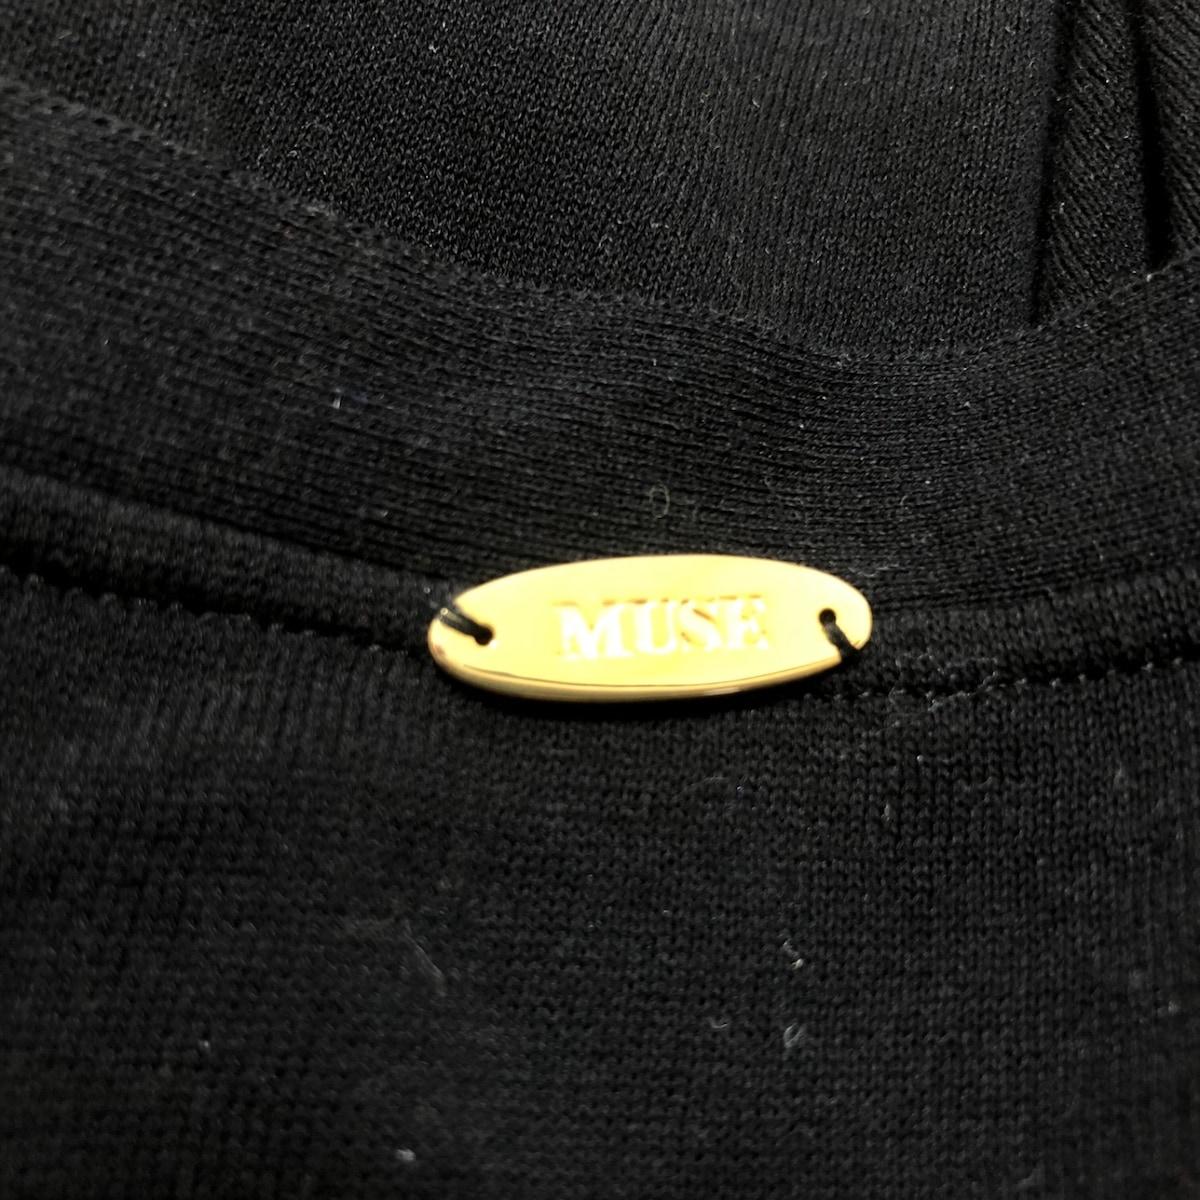 muse(ミューズ)のセーター